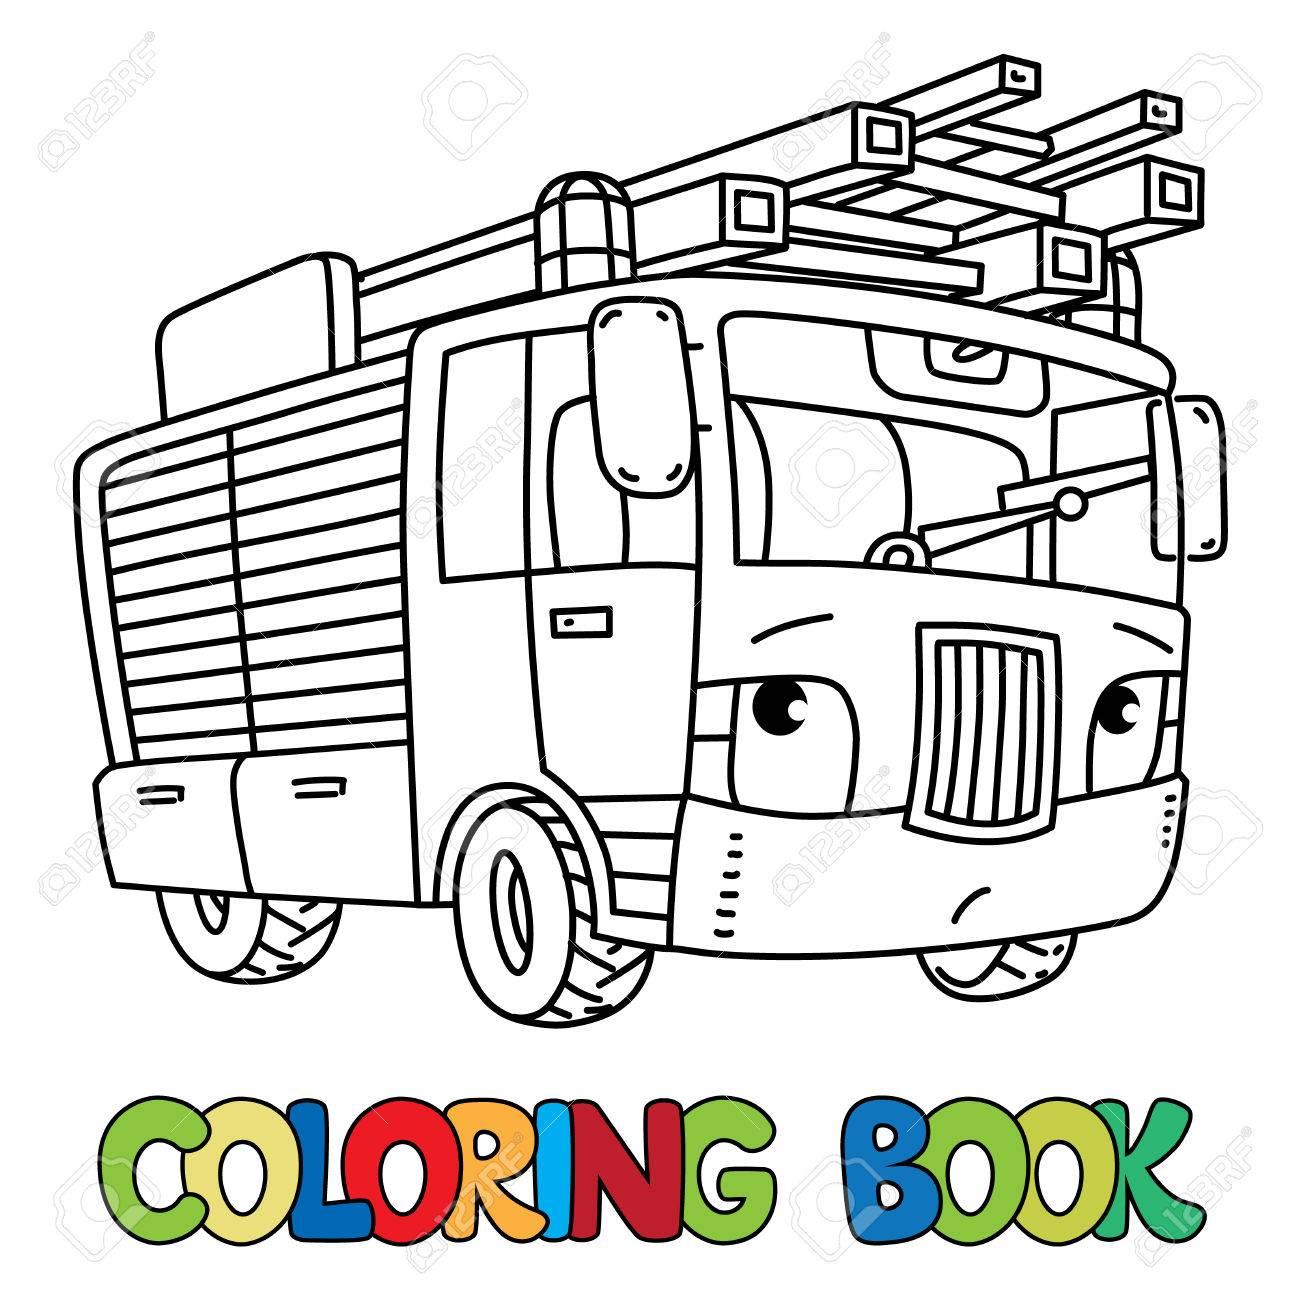 消防車やと Firemachine 目の塗り絵のイラスト素材ベクタ Image